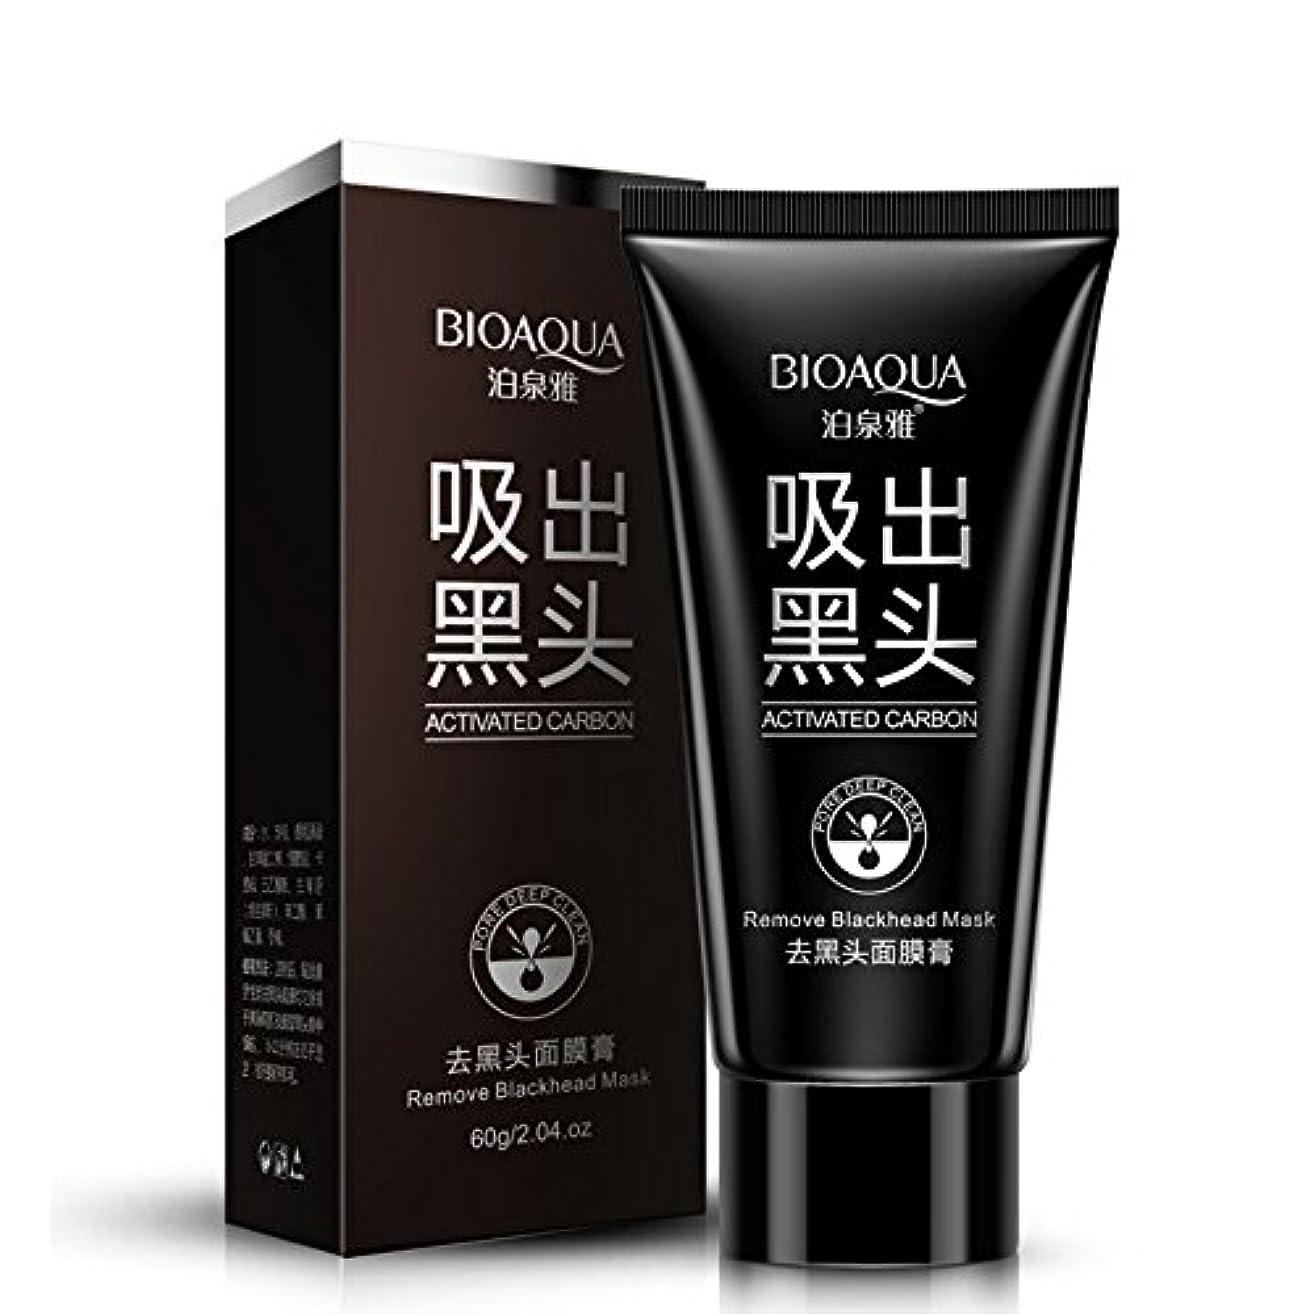 揮発性スカウト頼むSuction Black Mask Shrink Black Head Spots Pores,Face Mask Blackhead Removal Blackheads Cosmetics Facials Moisturizing...